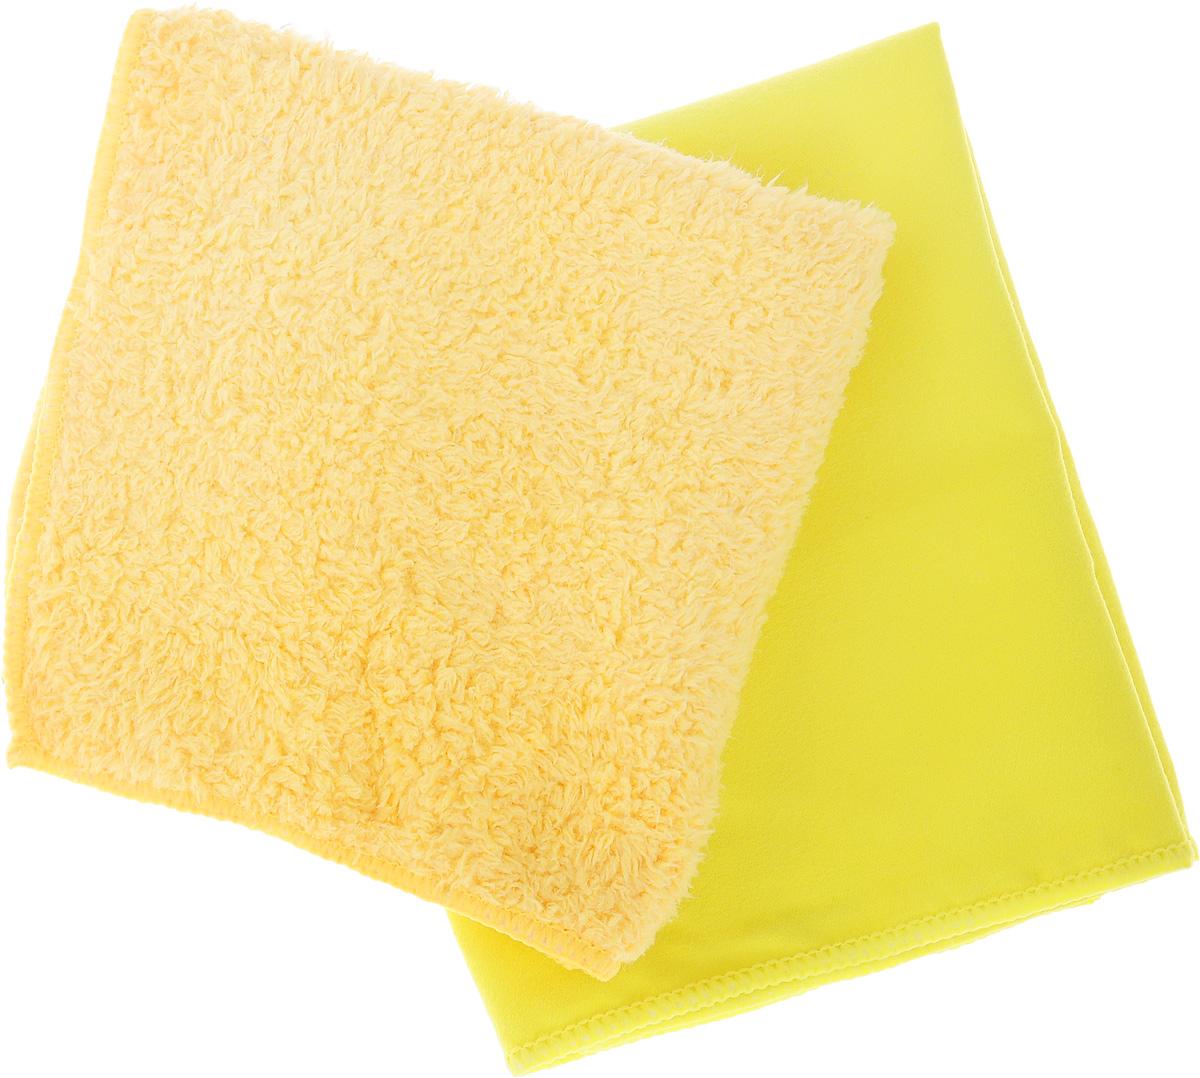 Набор салфеток для мытья и полировки автомобиля Sapfire Cleaning Сloth & Suede, цвет: желтый, оранжево-желтый, 35 х 40 см, 2 шт esley